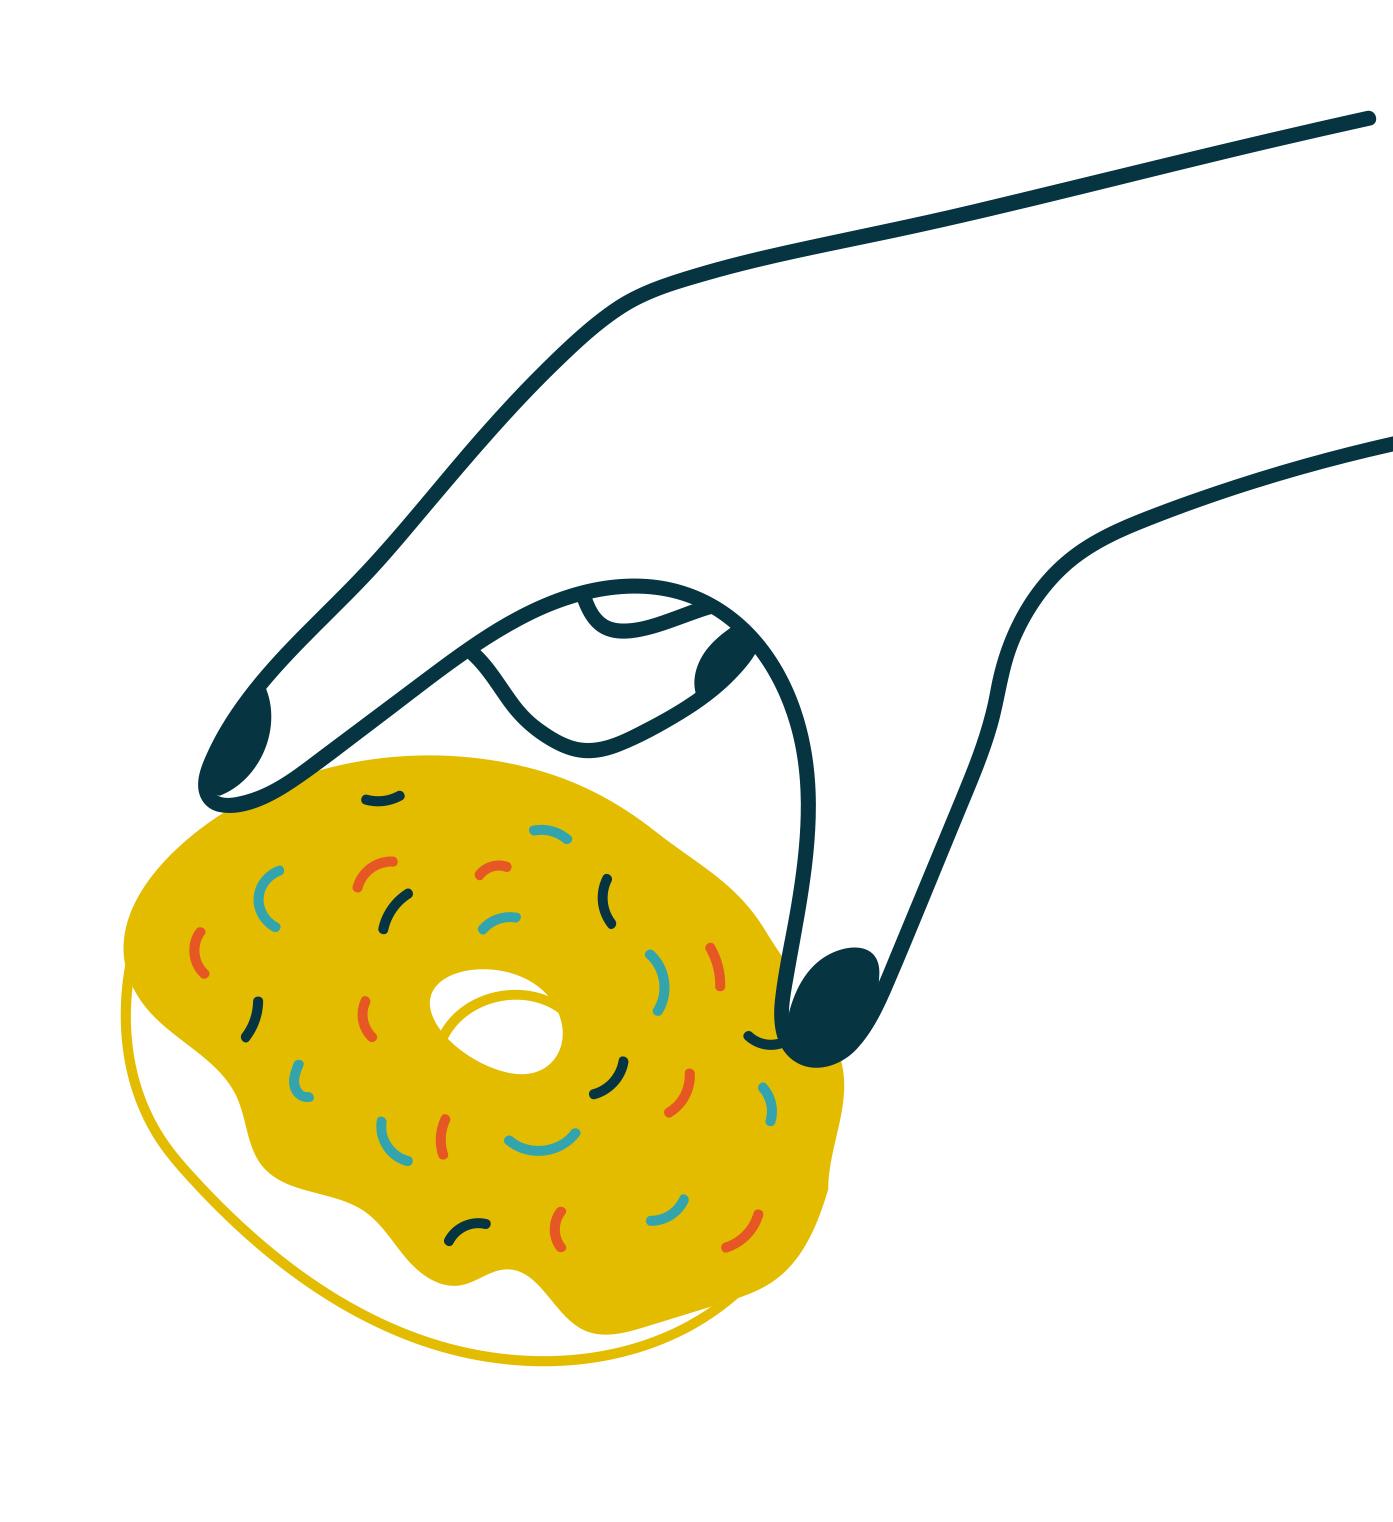 45. snagging the last doughnut  (jolene k)